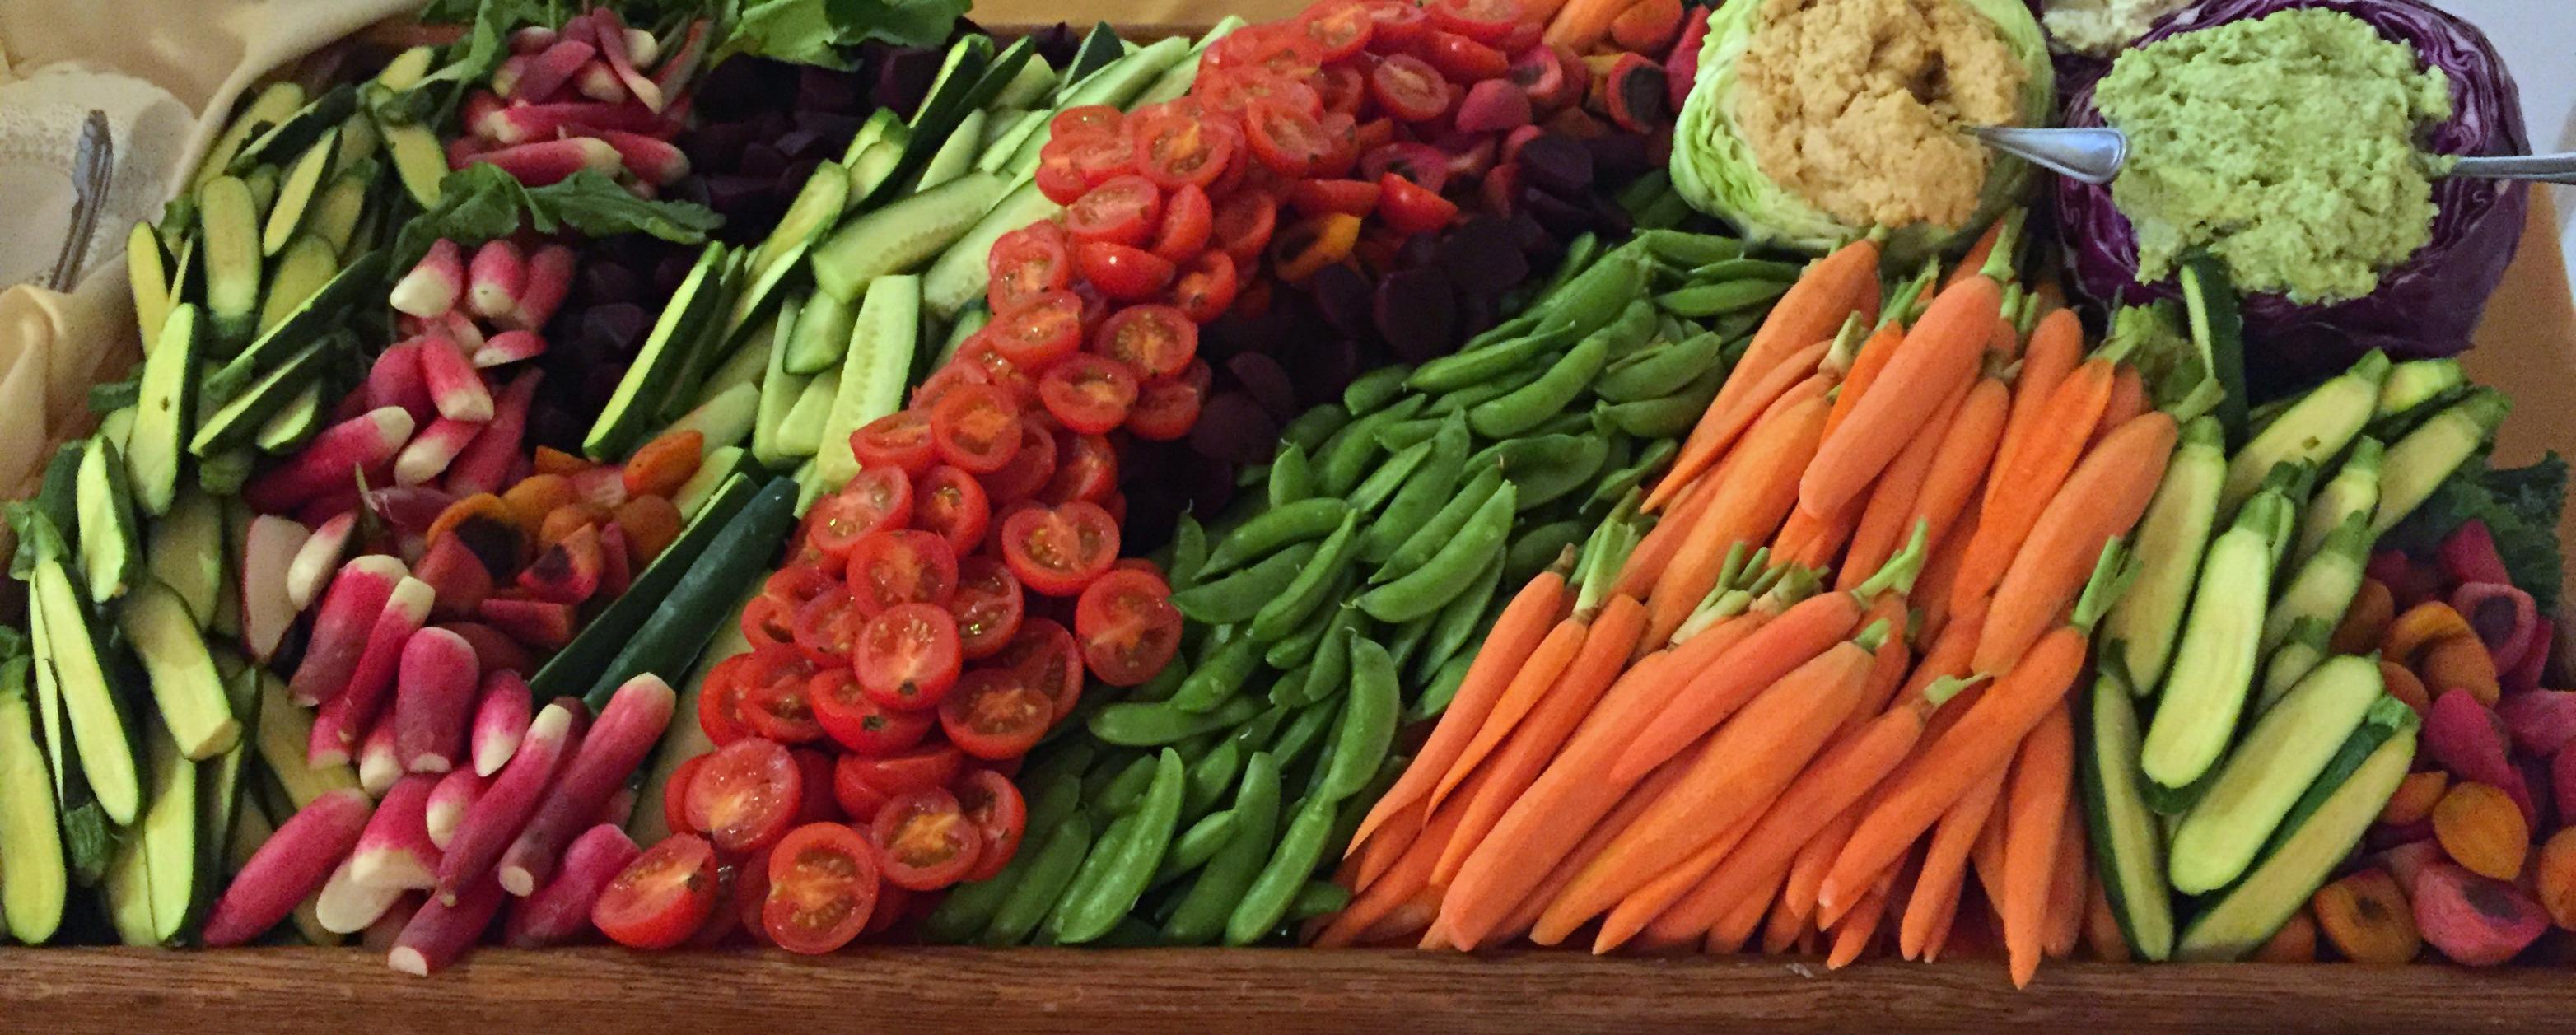 Vegan Ultimate Vegetable Display